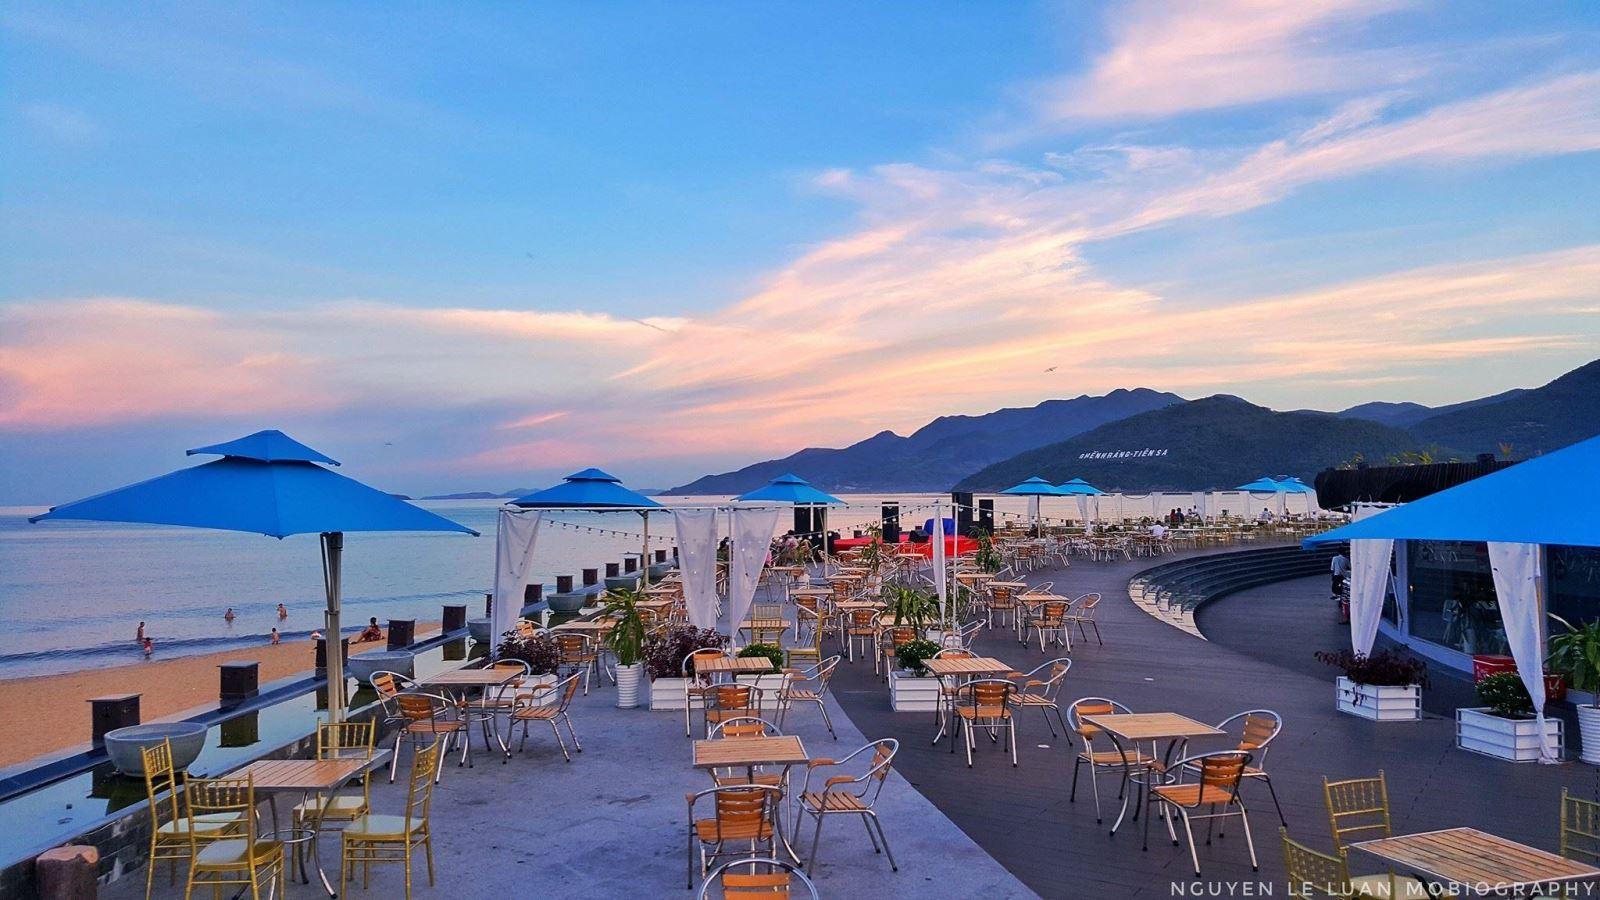 Vừa uống cafe vừa ngắm biển dạt dào mới thấy lòng được bình yên - Ảnh Lê Luận